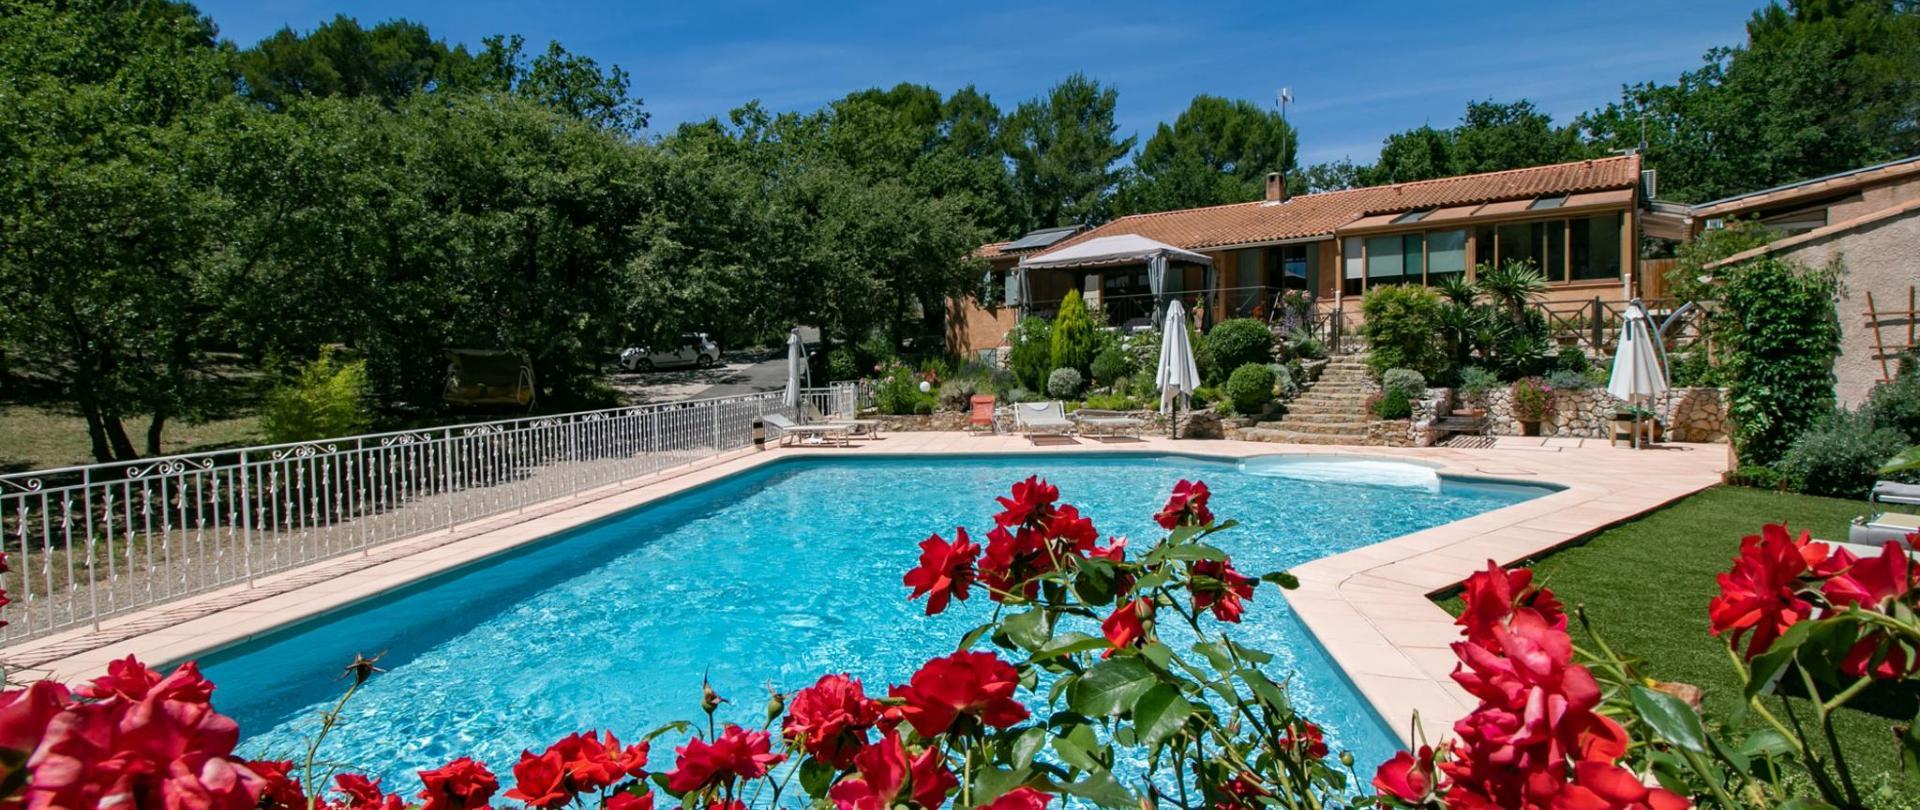 Villa piscine vue générale1 juillet 2020.jpg